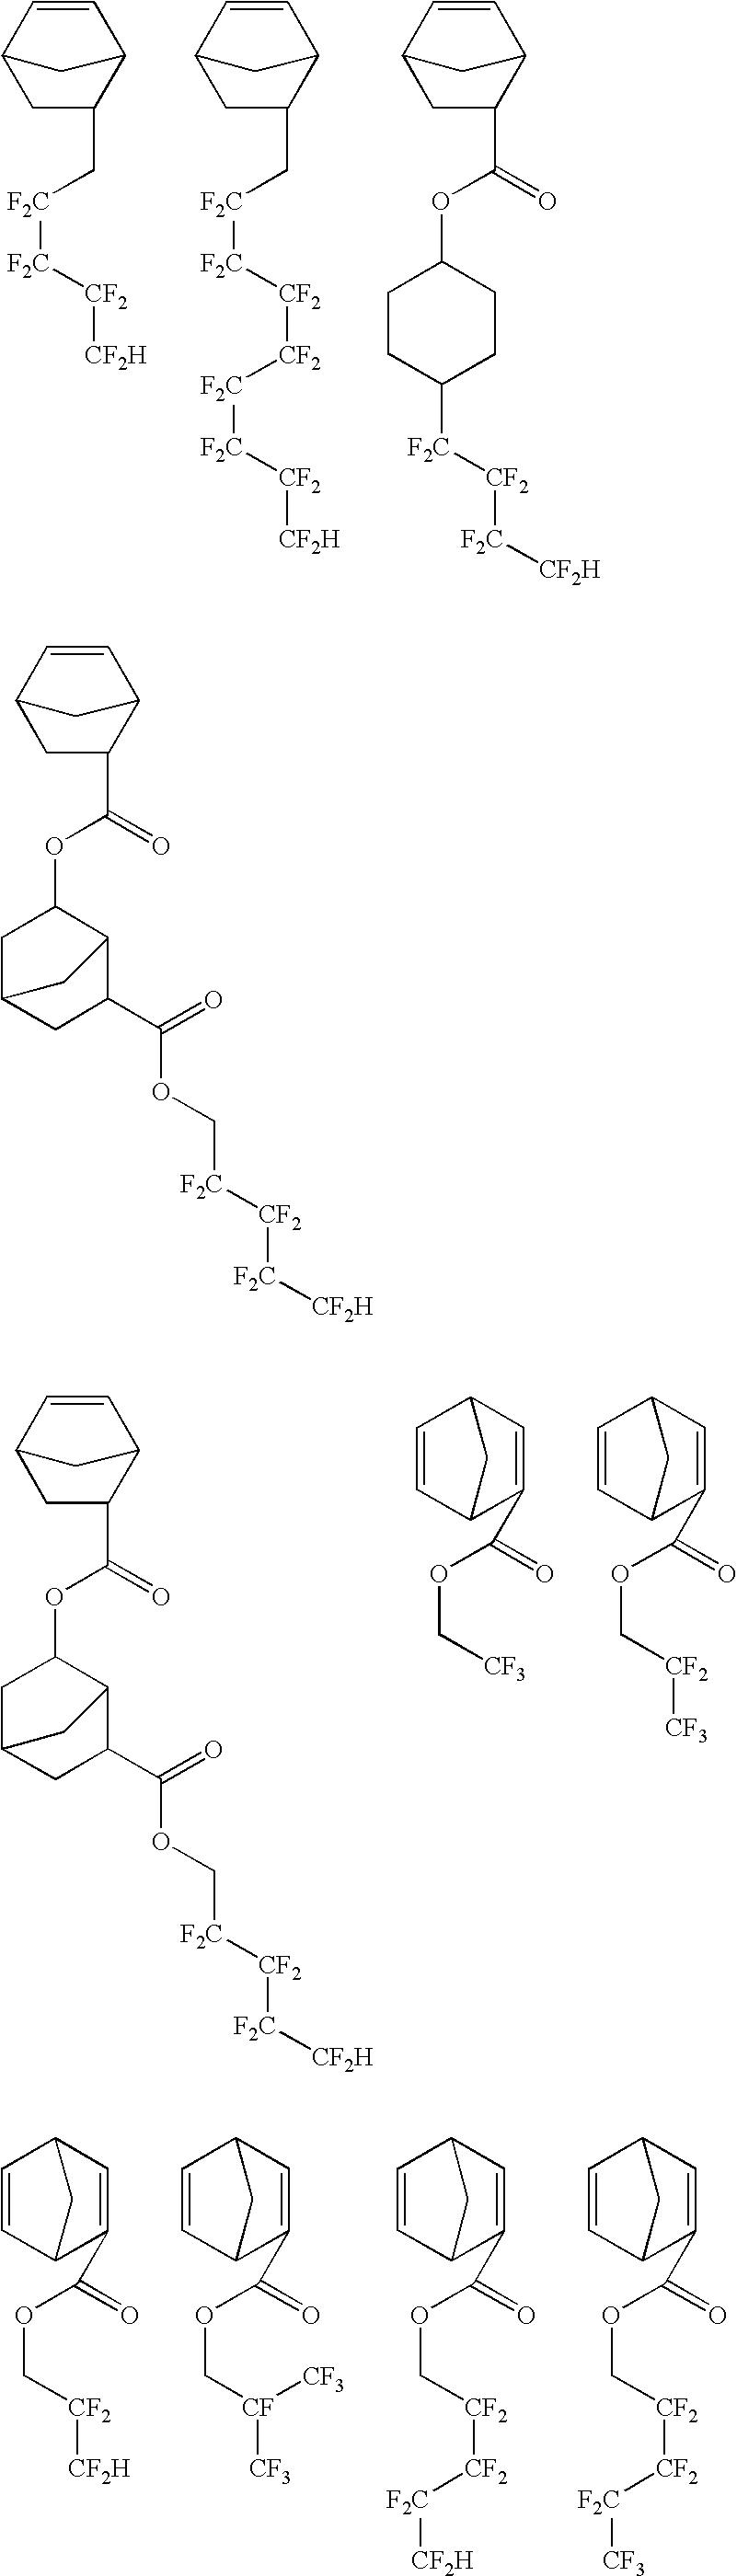 Figure US20090011365A1-20090108-C00095